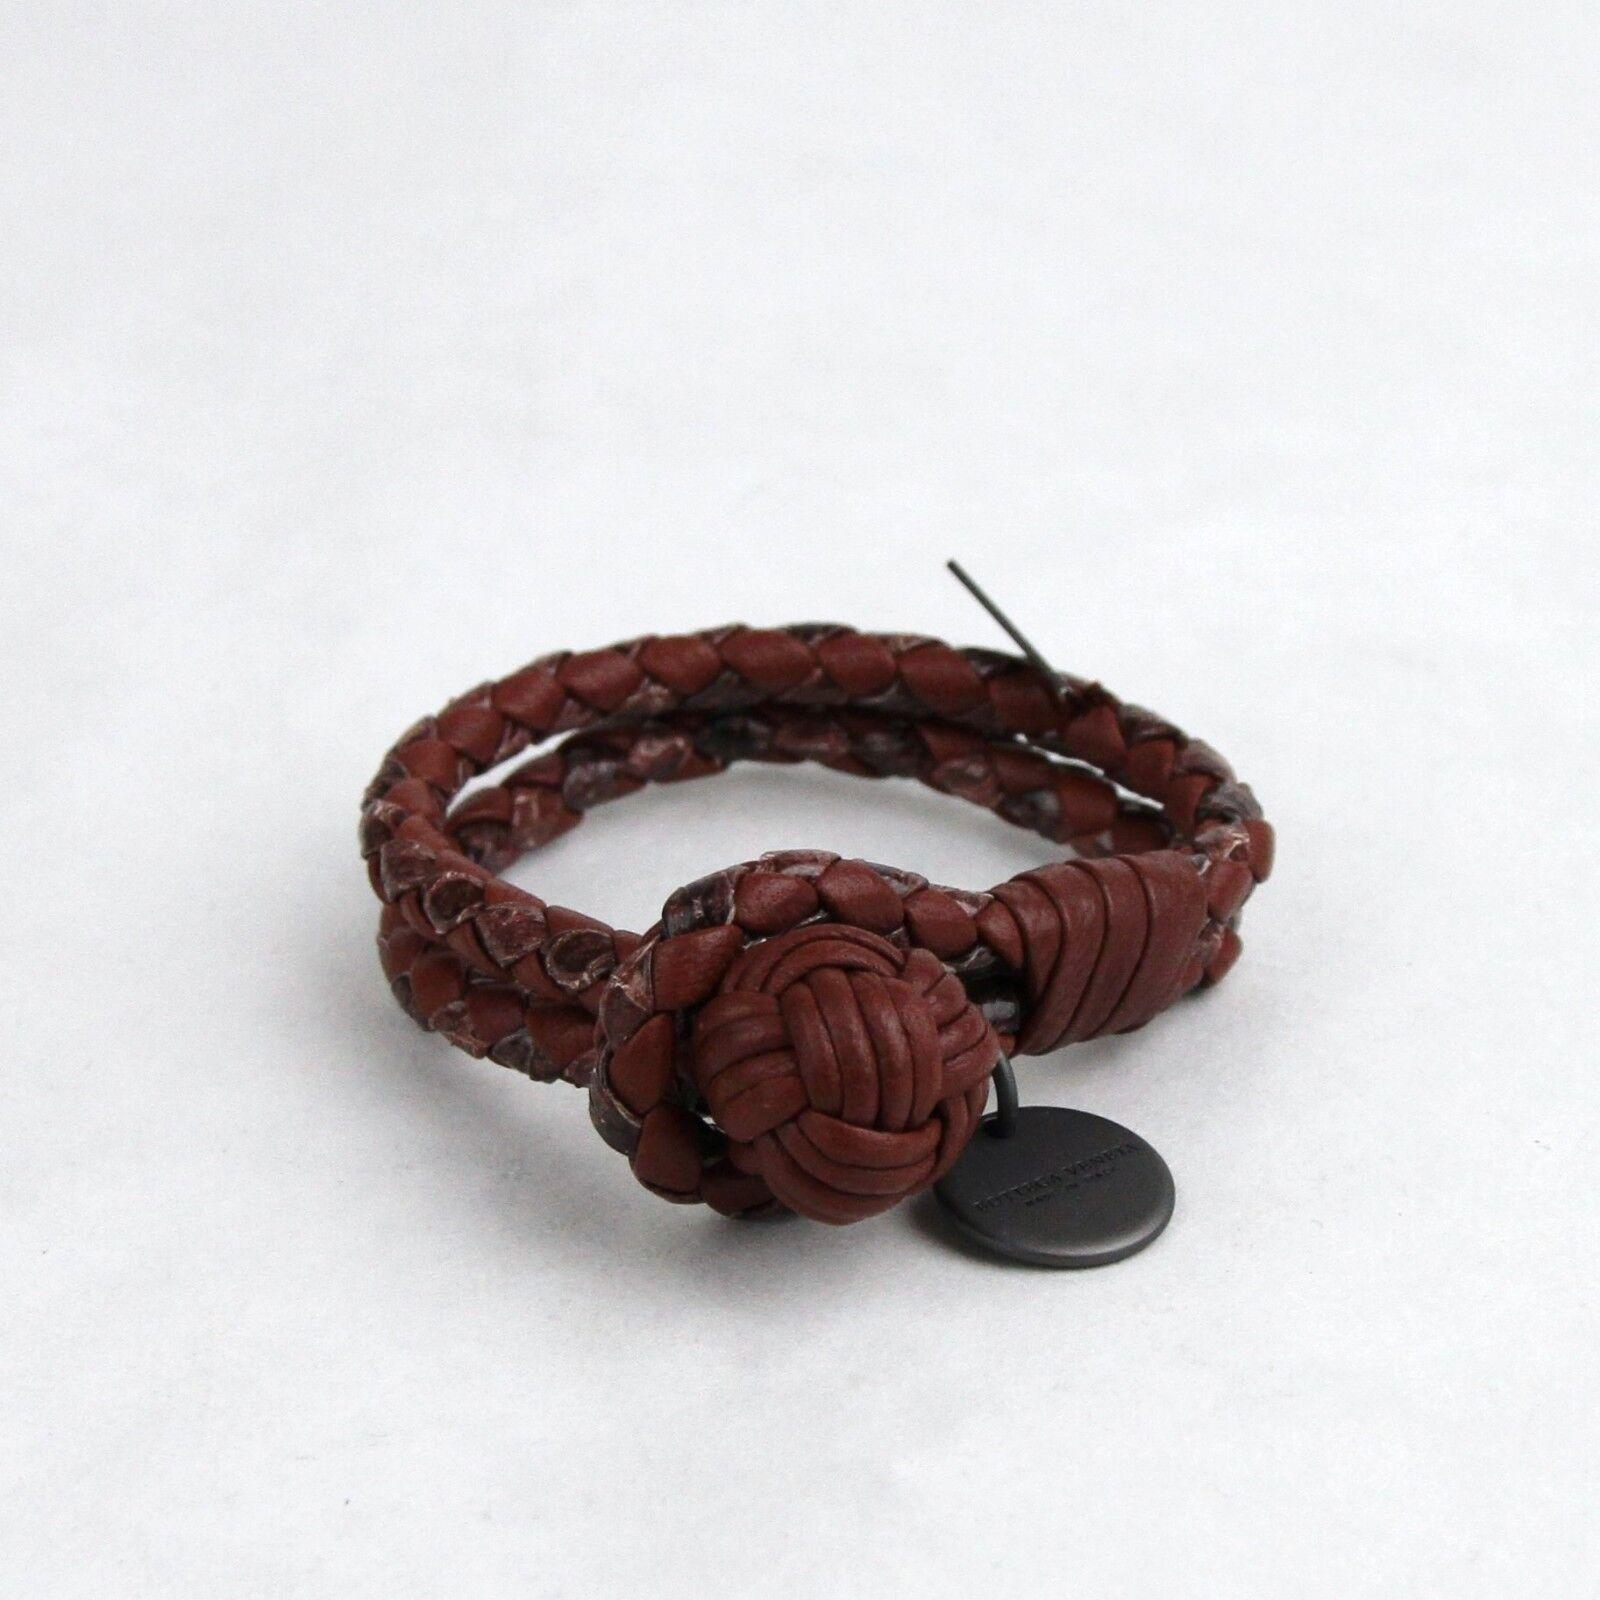 New Bottega Veneta Reddish Brown Snake Leather Braided Bracelet XS 113546 2217